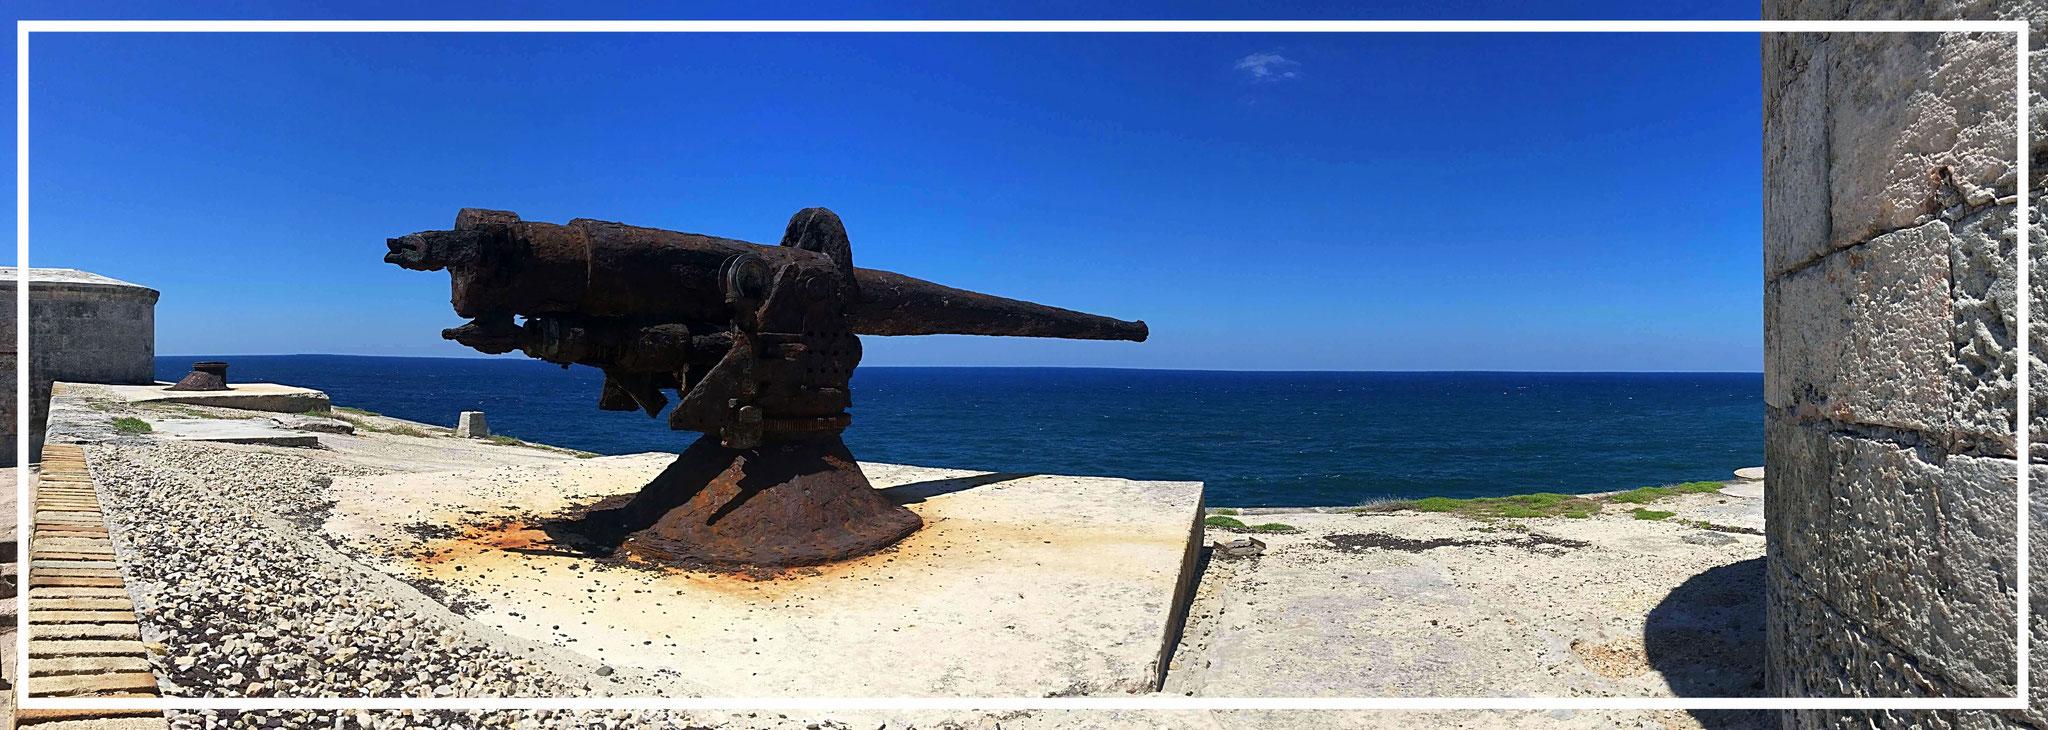 Die Anlage ist mit zwölf großen Kanonen ausgestattet, welche die Namen der zwölf Apostel tragen